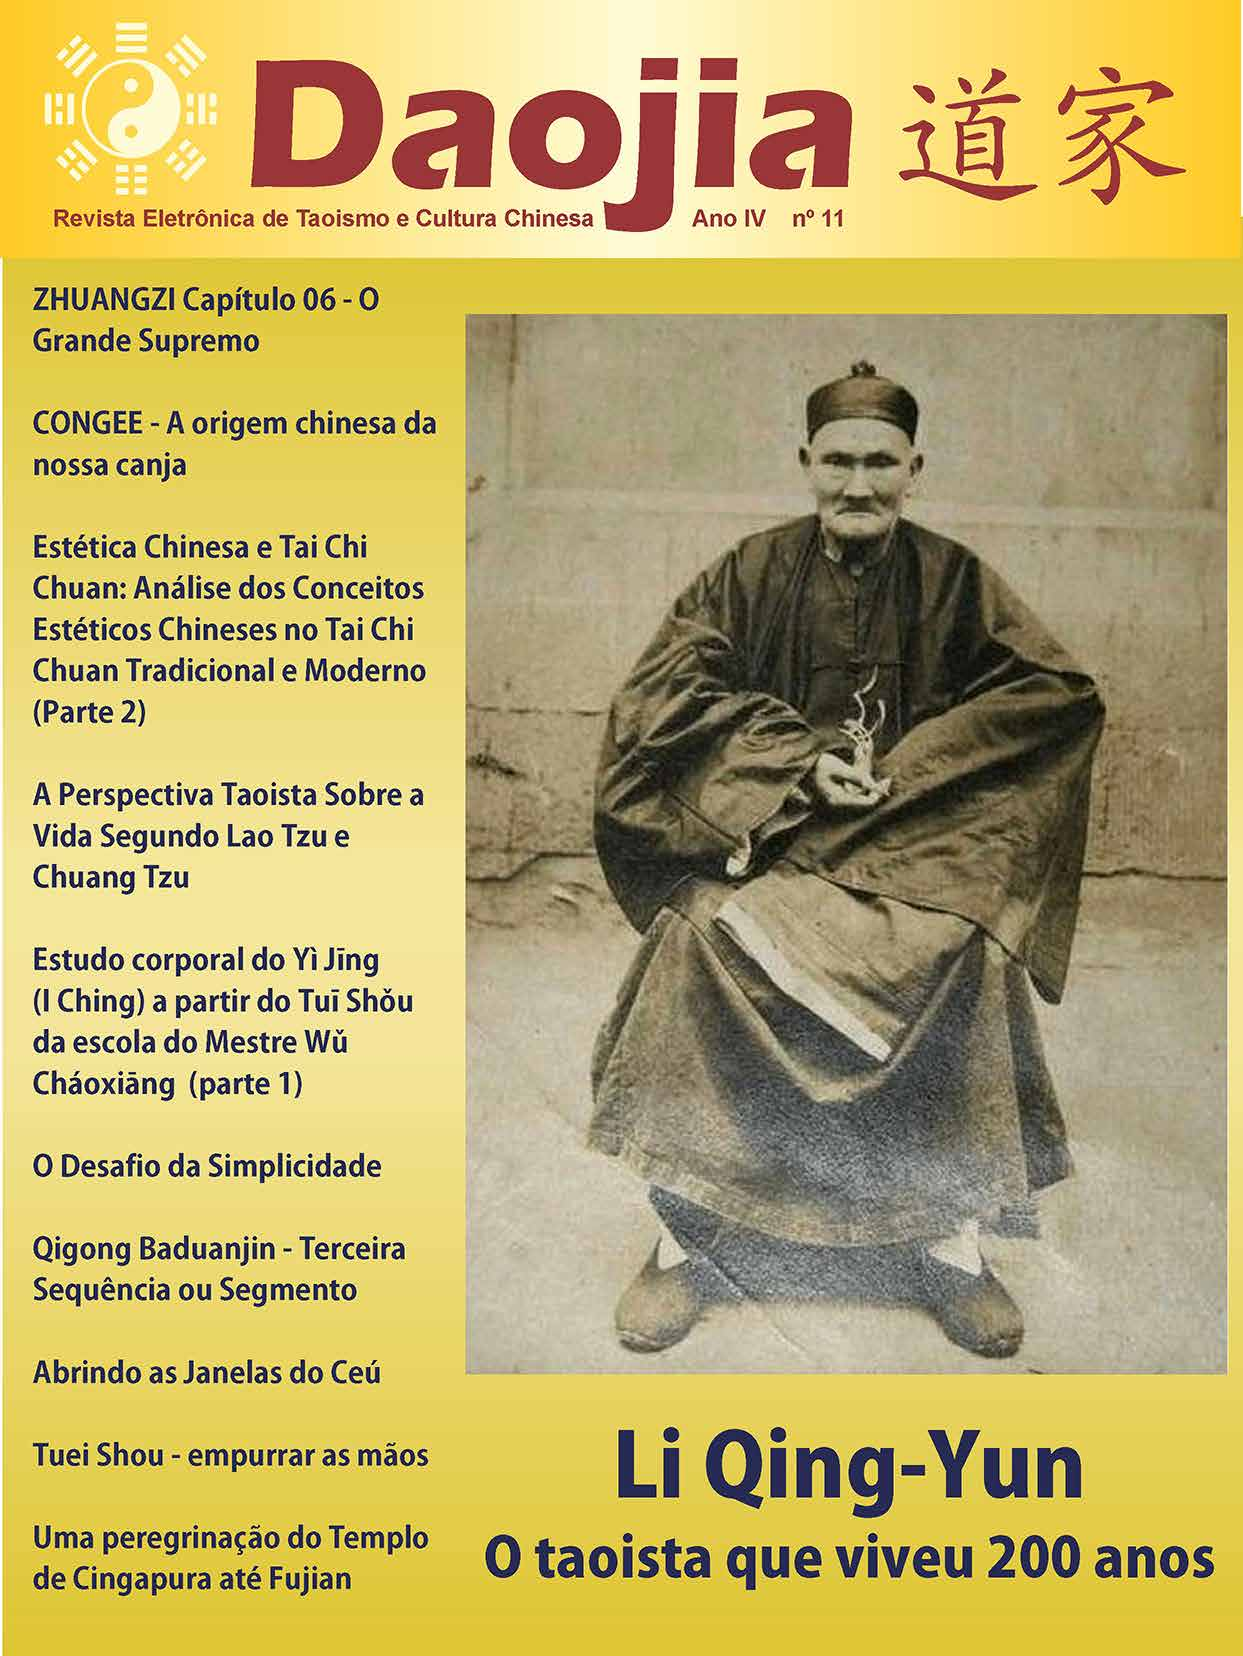 Daojia 11 – Revista Eletrônica de Taoismo e Cultura Chinesa